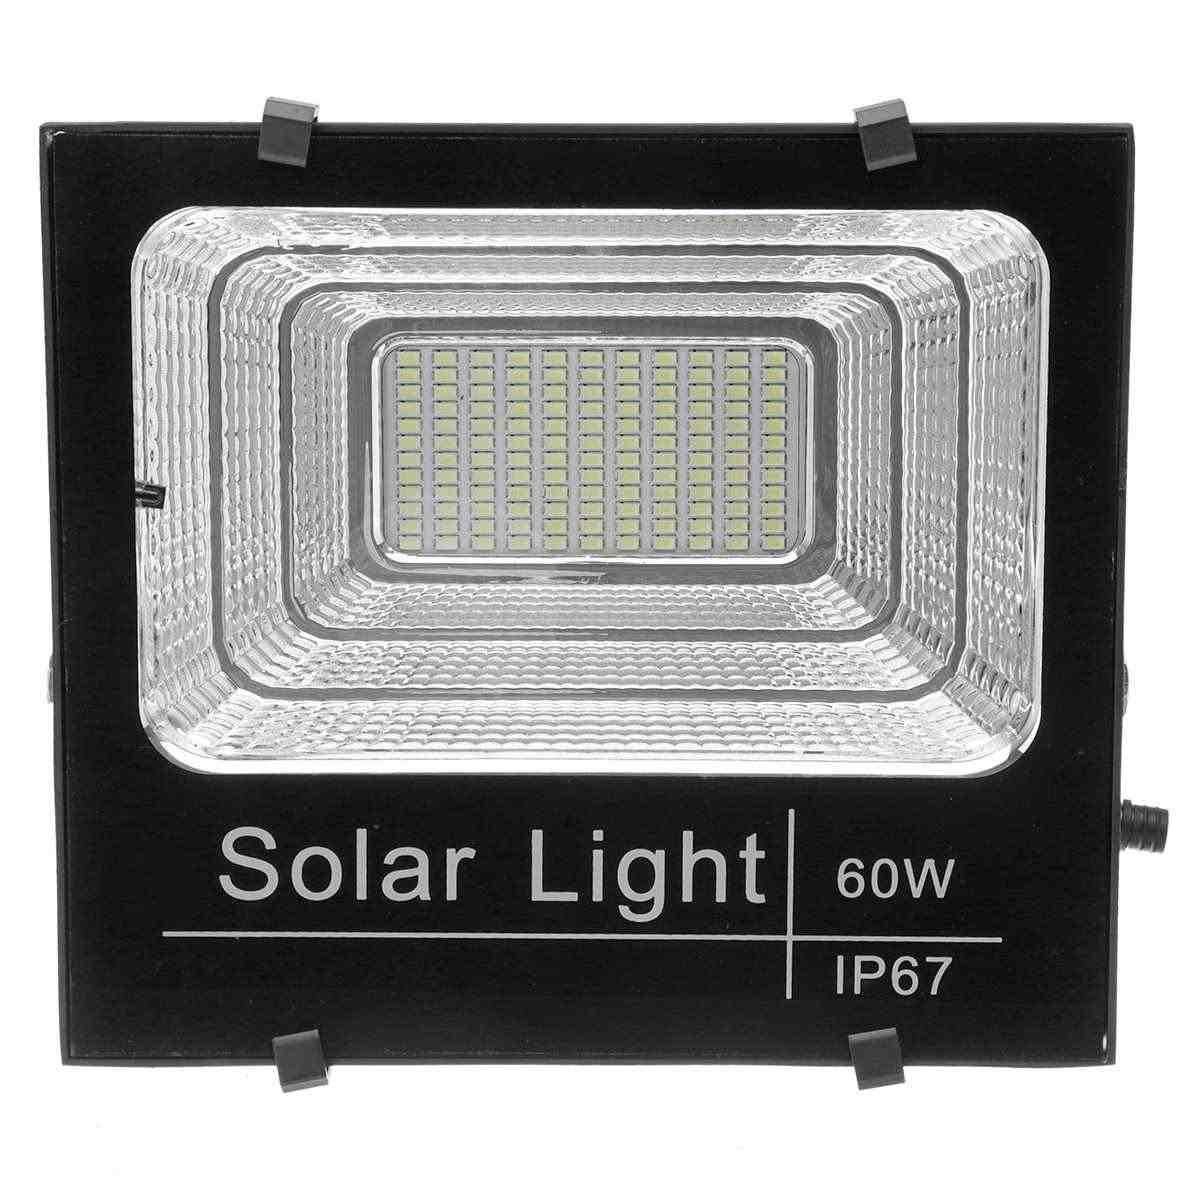 Solar Light Прожектор на солнечных батареях 60W с пультом управления